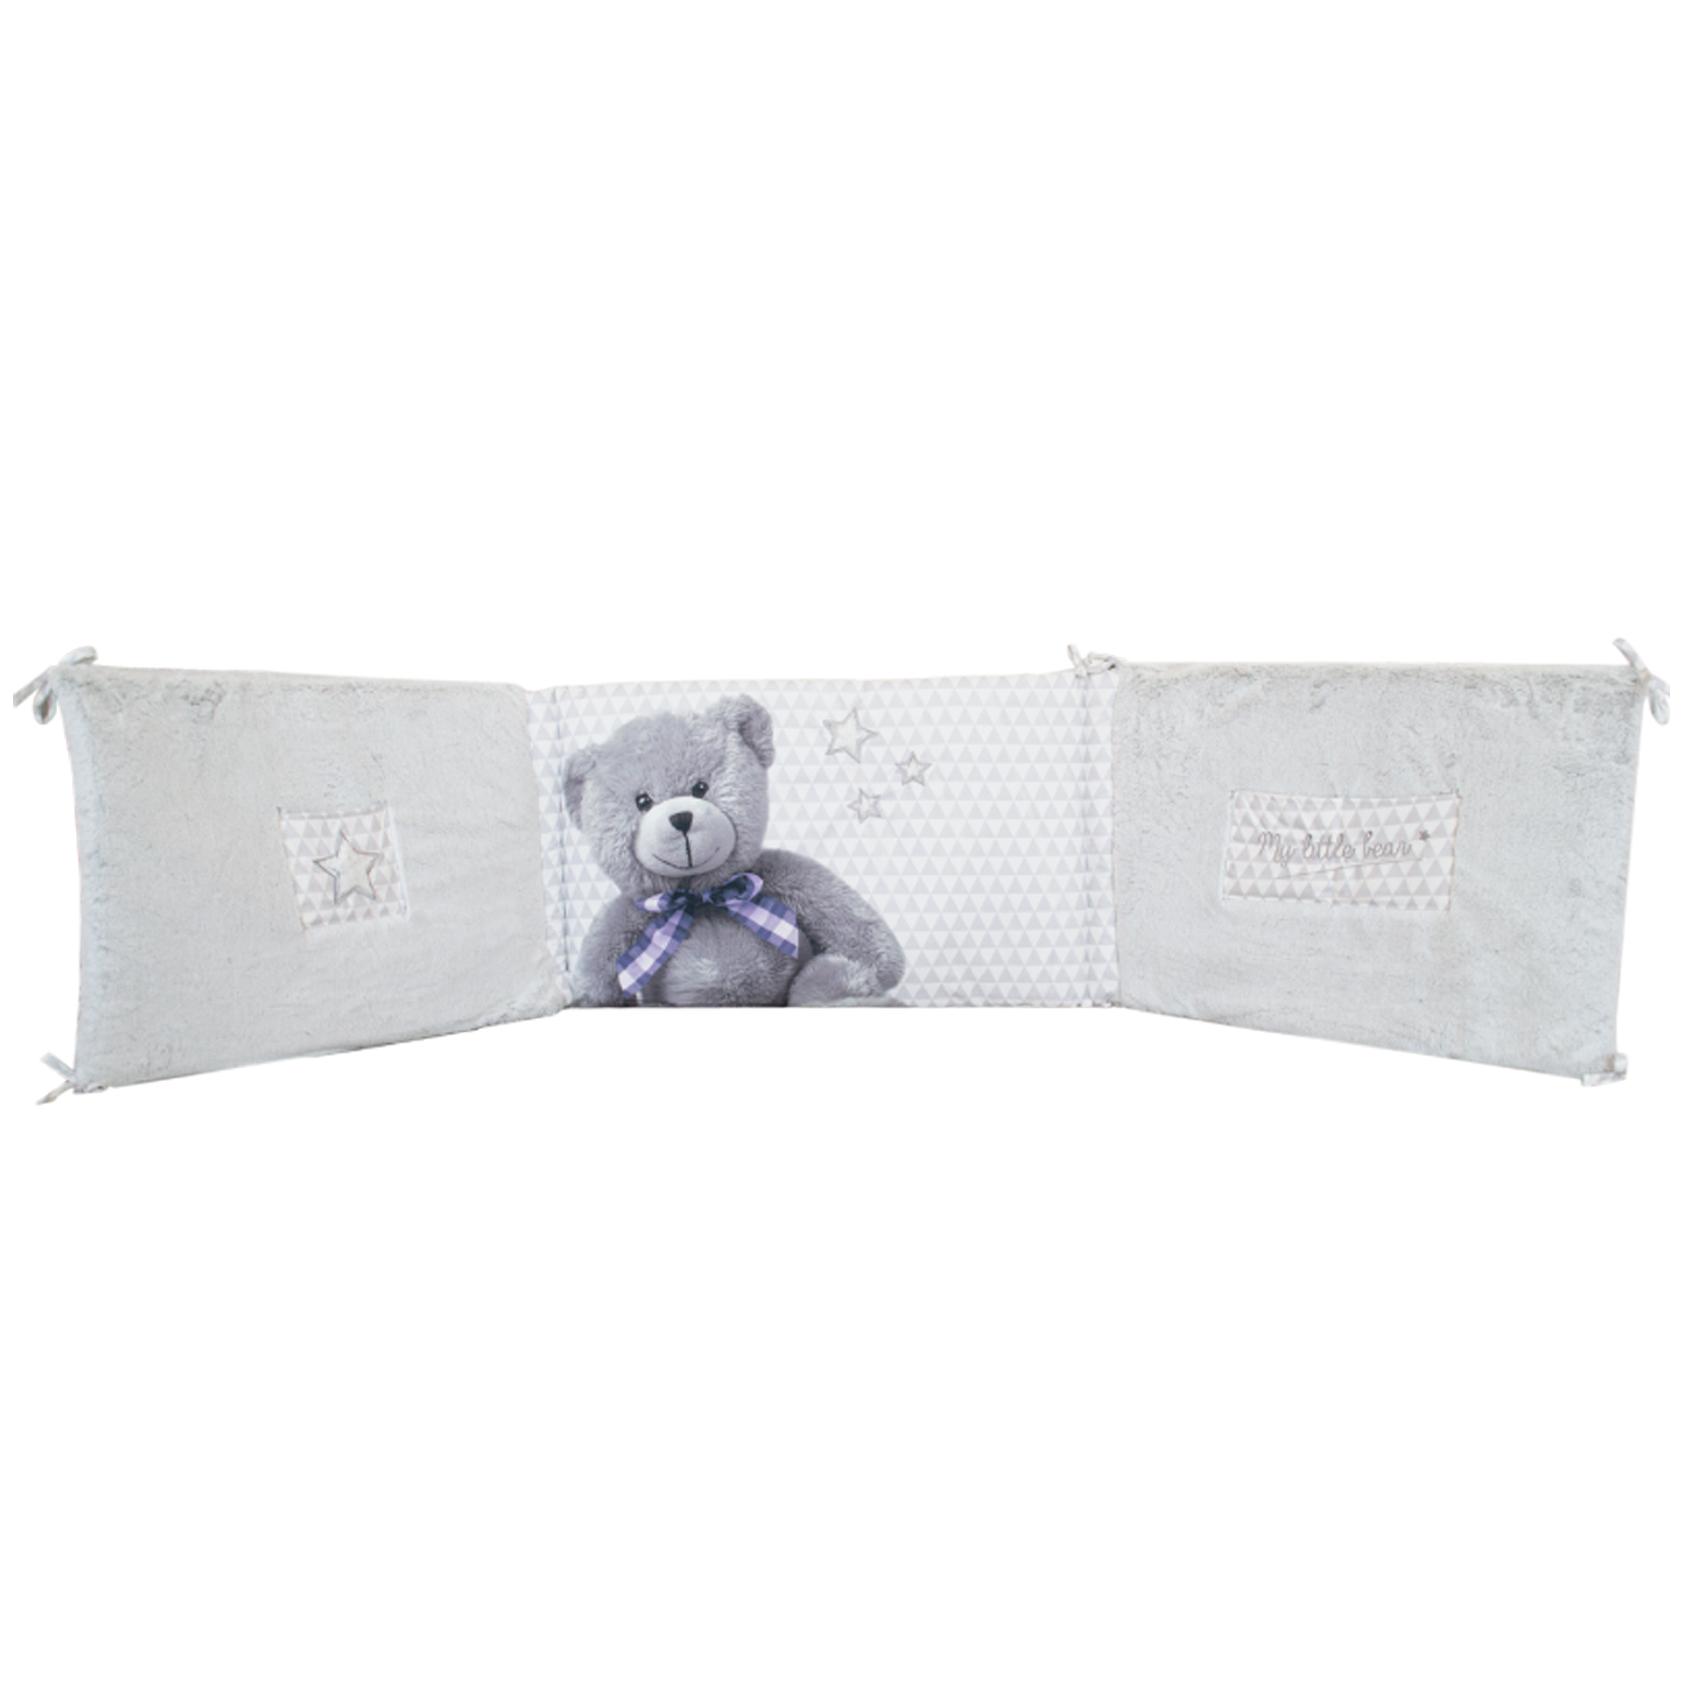 Tour de lit bébé adaptable LittleBear Gris/Blanc 40x180